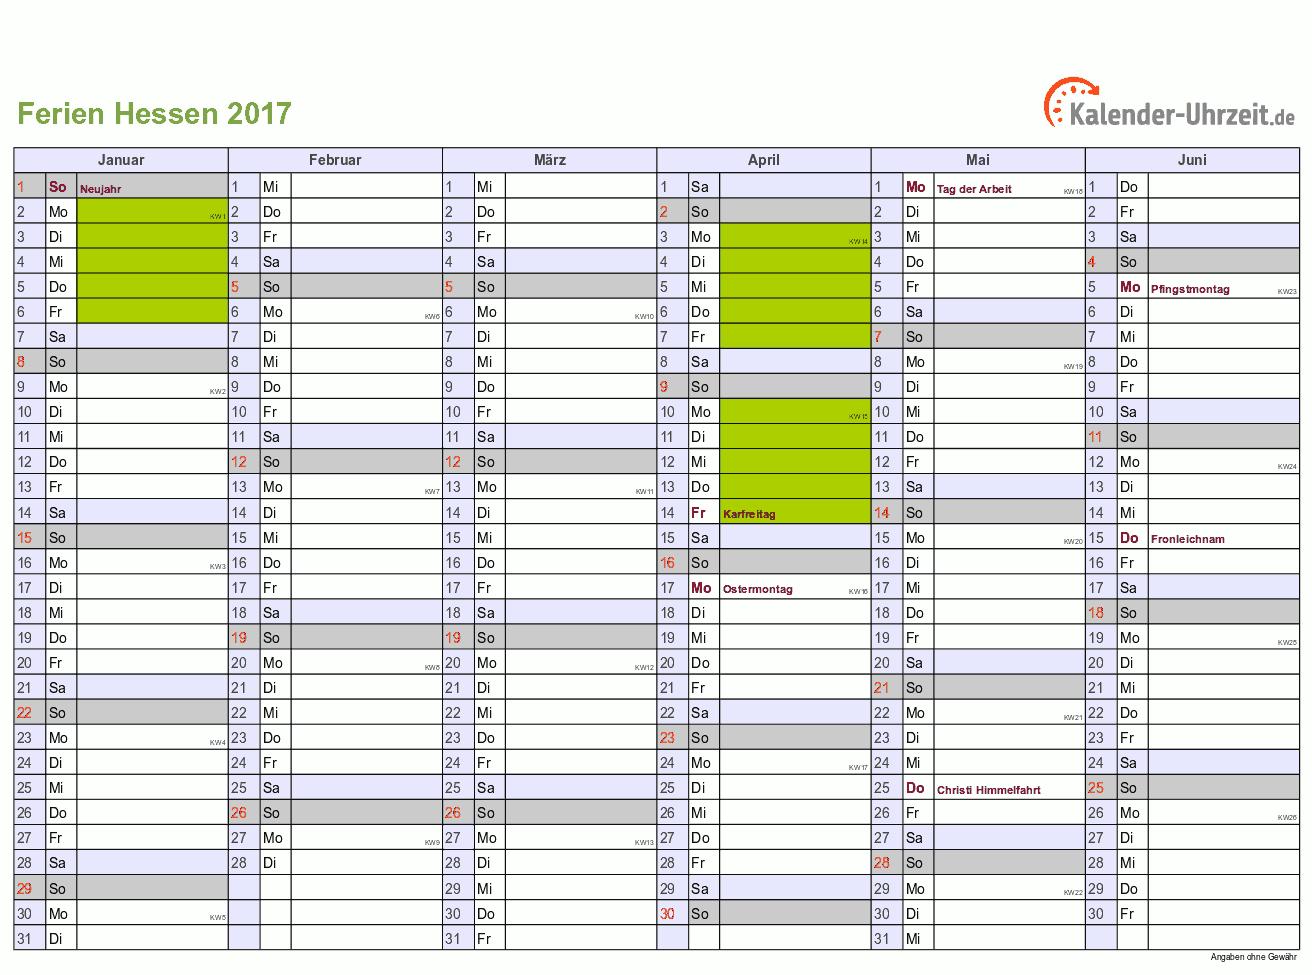 Ferien 2017 Hessen Halbjahreskalender - DIN A4 Querformat, 2-seitig